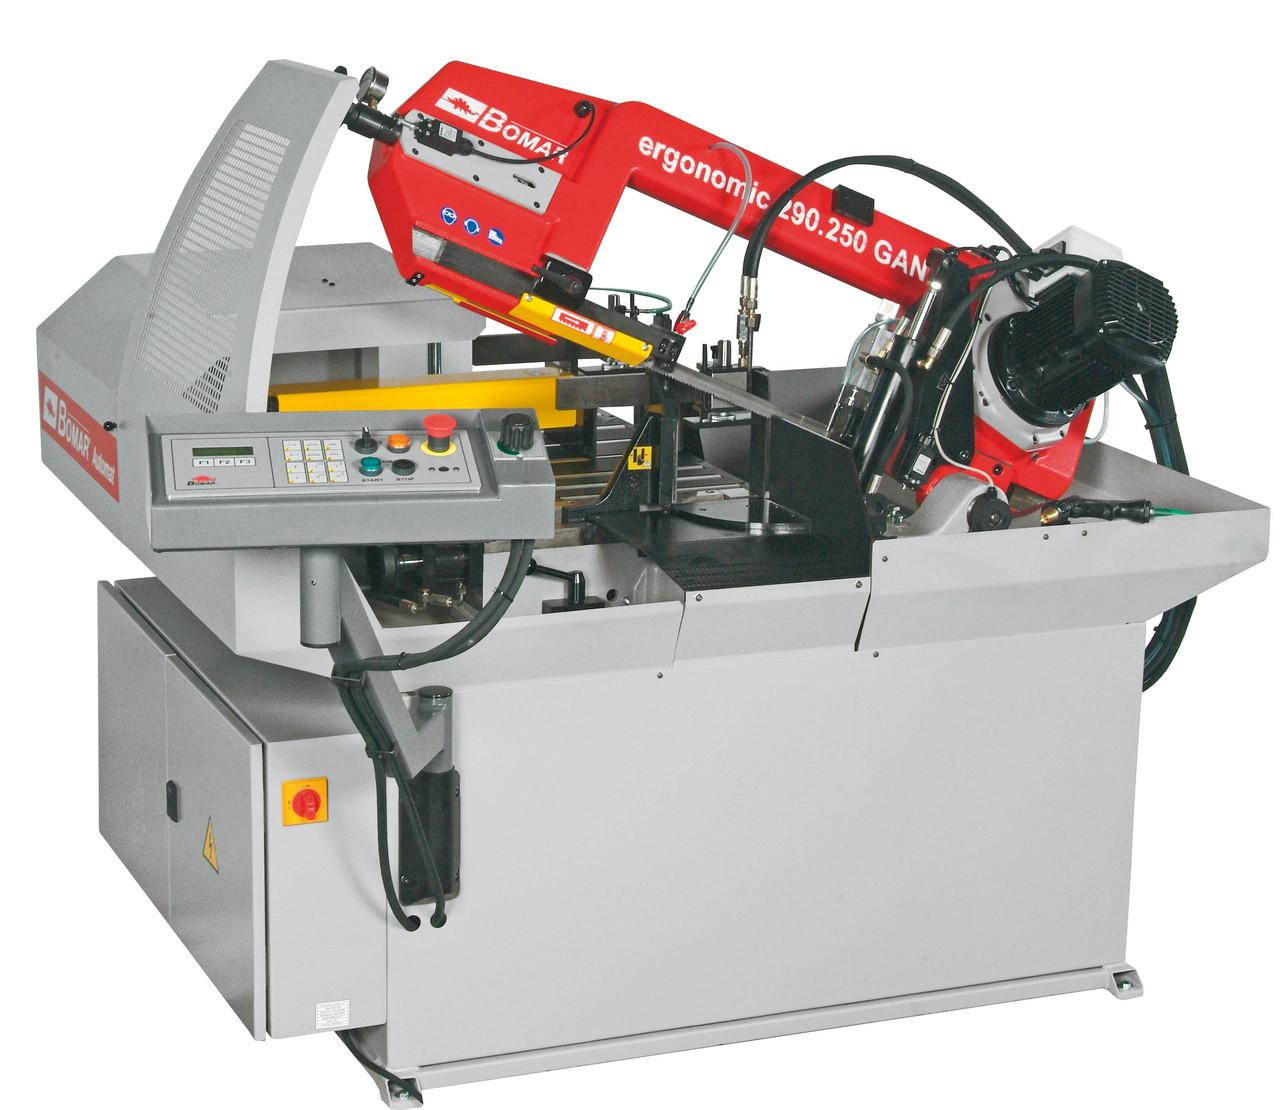 Стрічкопильний верстат автоматичний Bomar Ergonomic 290.250 GA